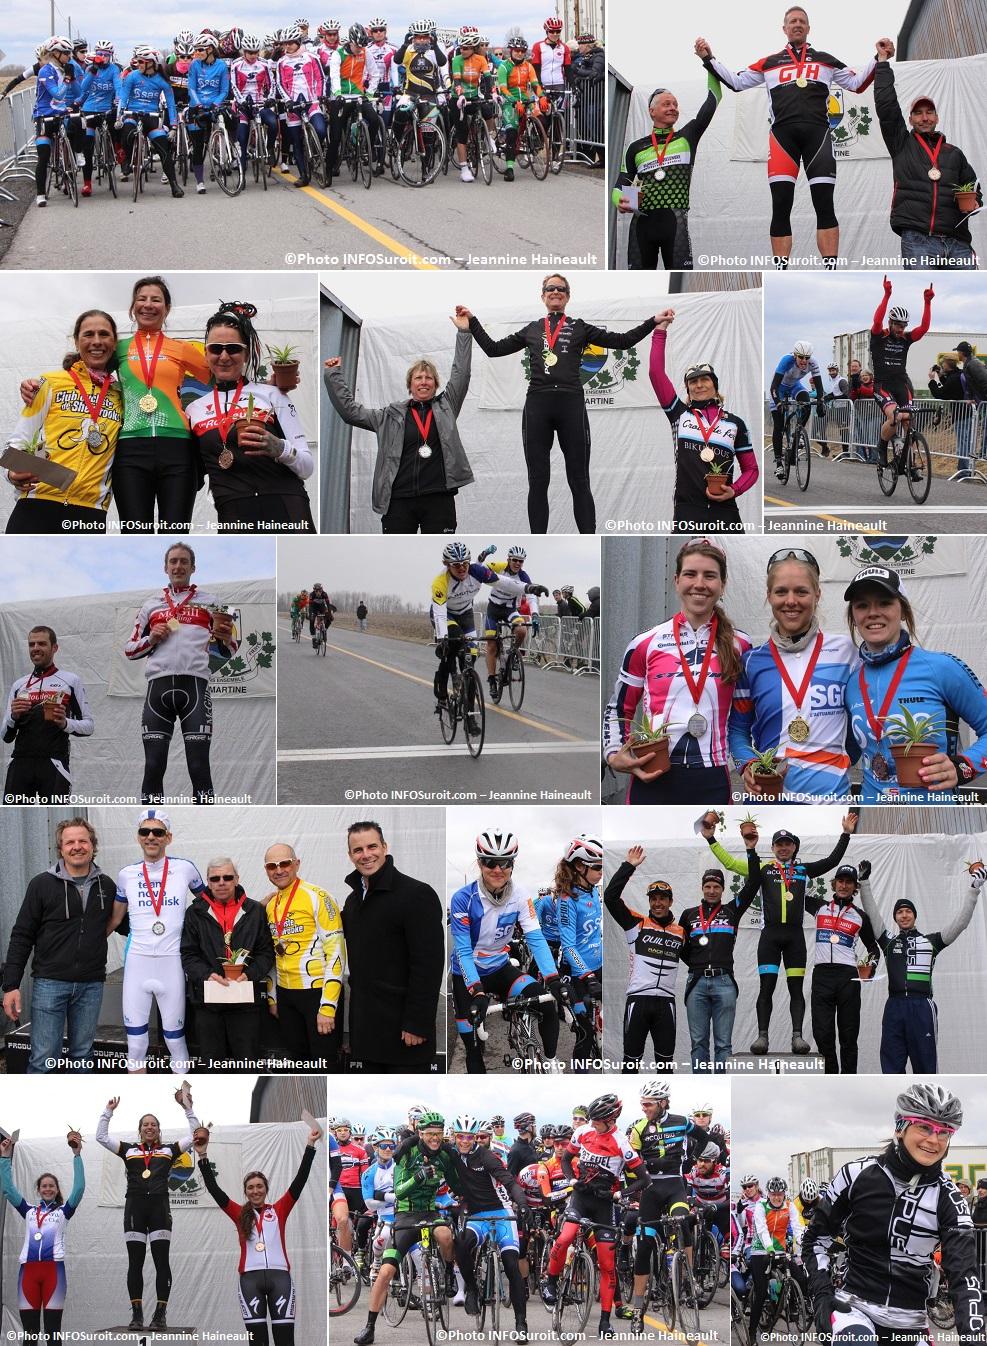 GP-cyclistes-Ste-Martine-Femmes-et-hommes-Departs-podiums-et-participants-Photos-INFOSuroit-Jeannine_Haineault